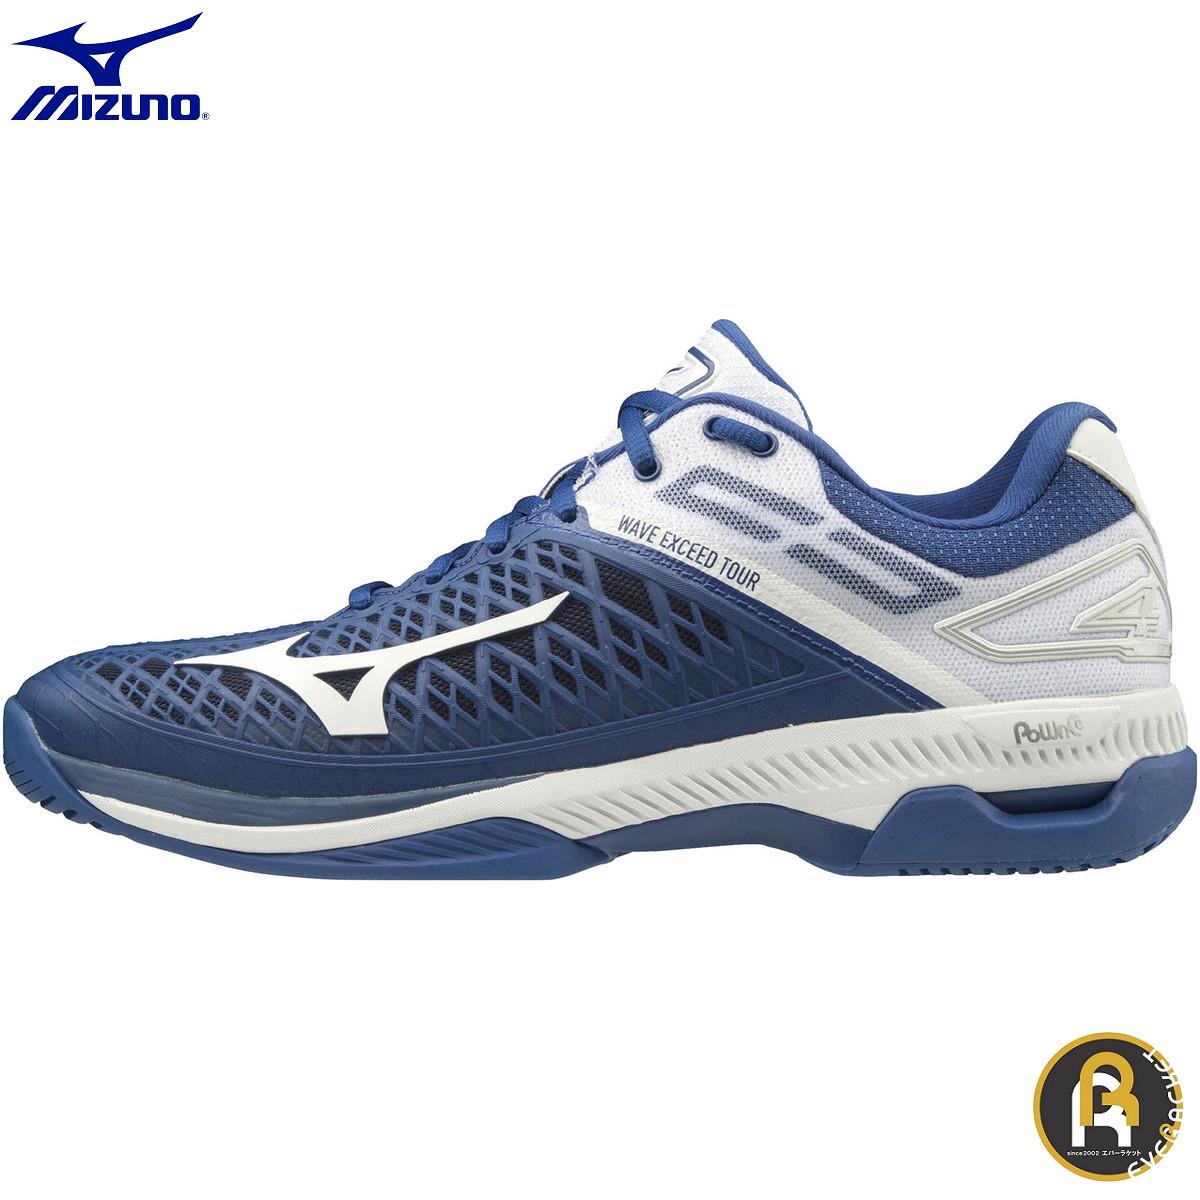 ミズノ MIZUNO ソフトテニスシューズ WAVE EXCEED TOUR4 AC 61GA207027 ソフトテニス